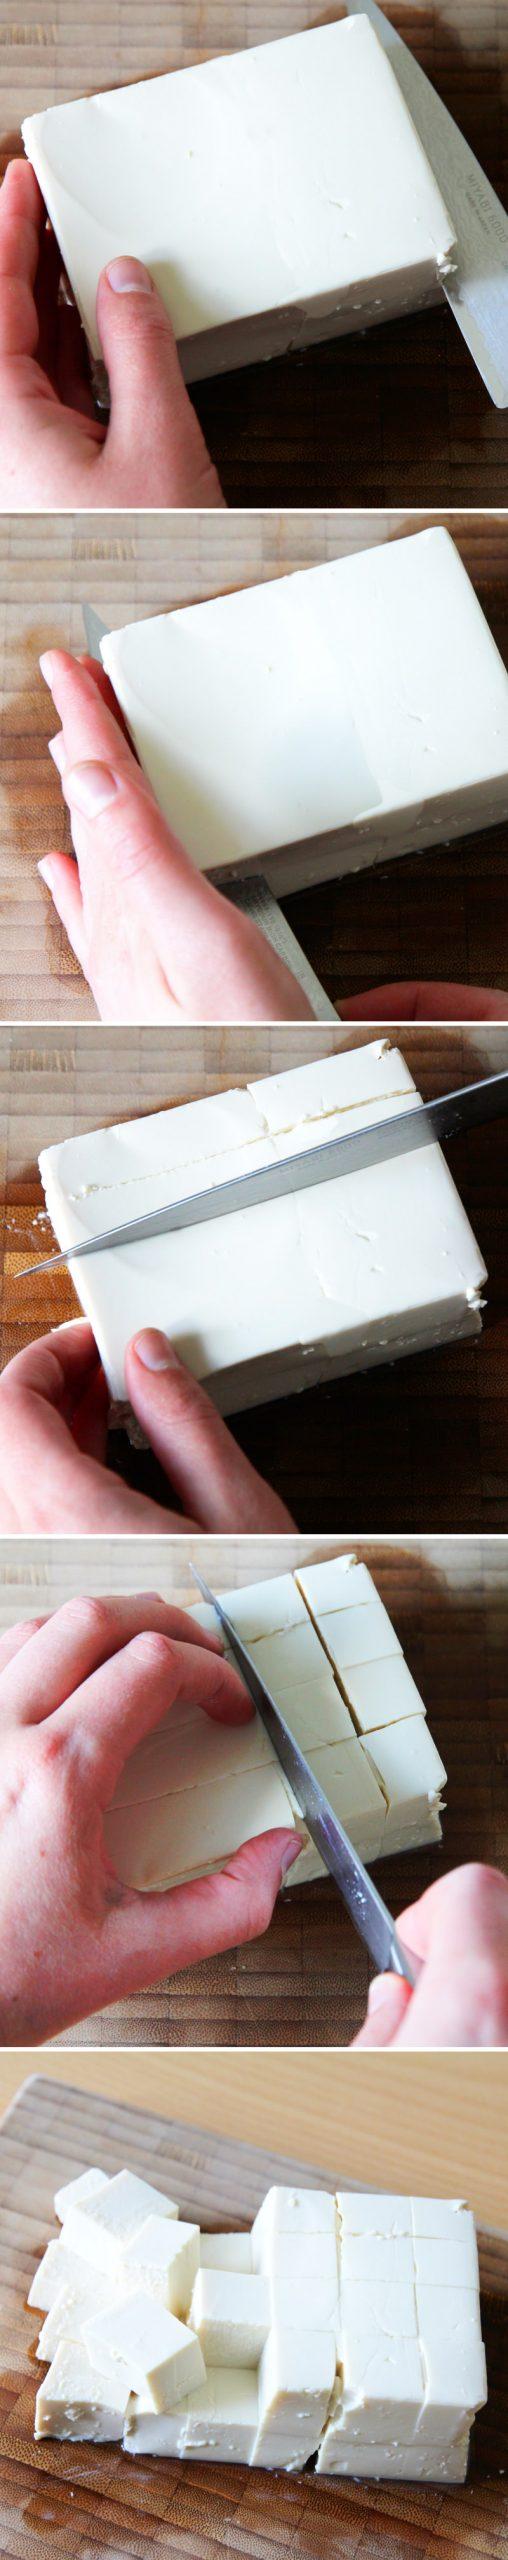 Tofu richtig schneiden